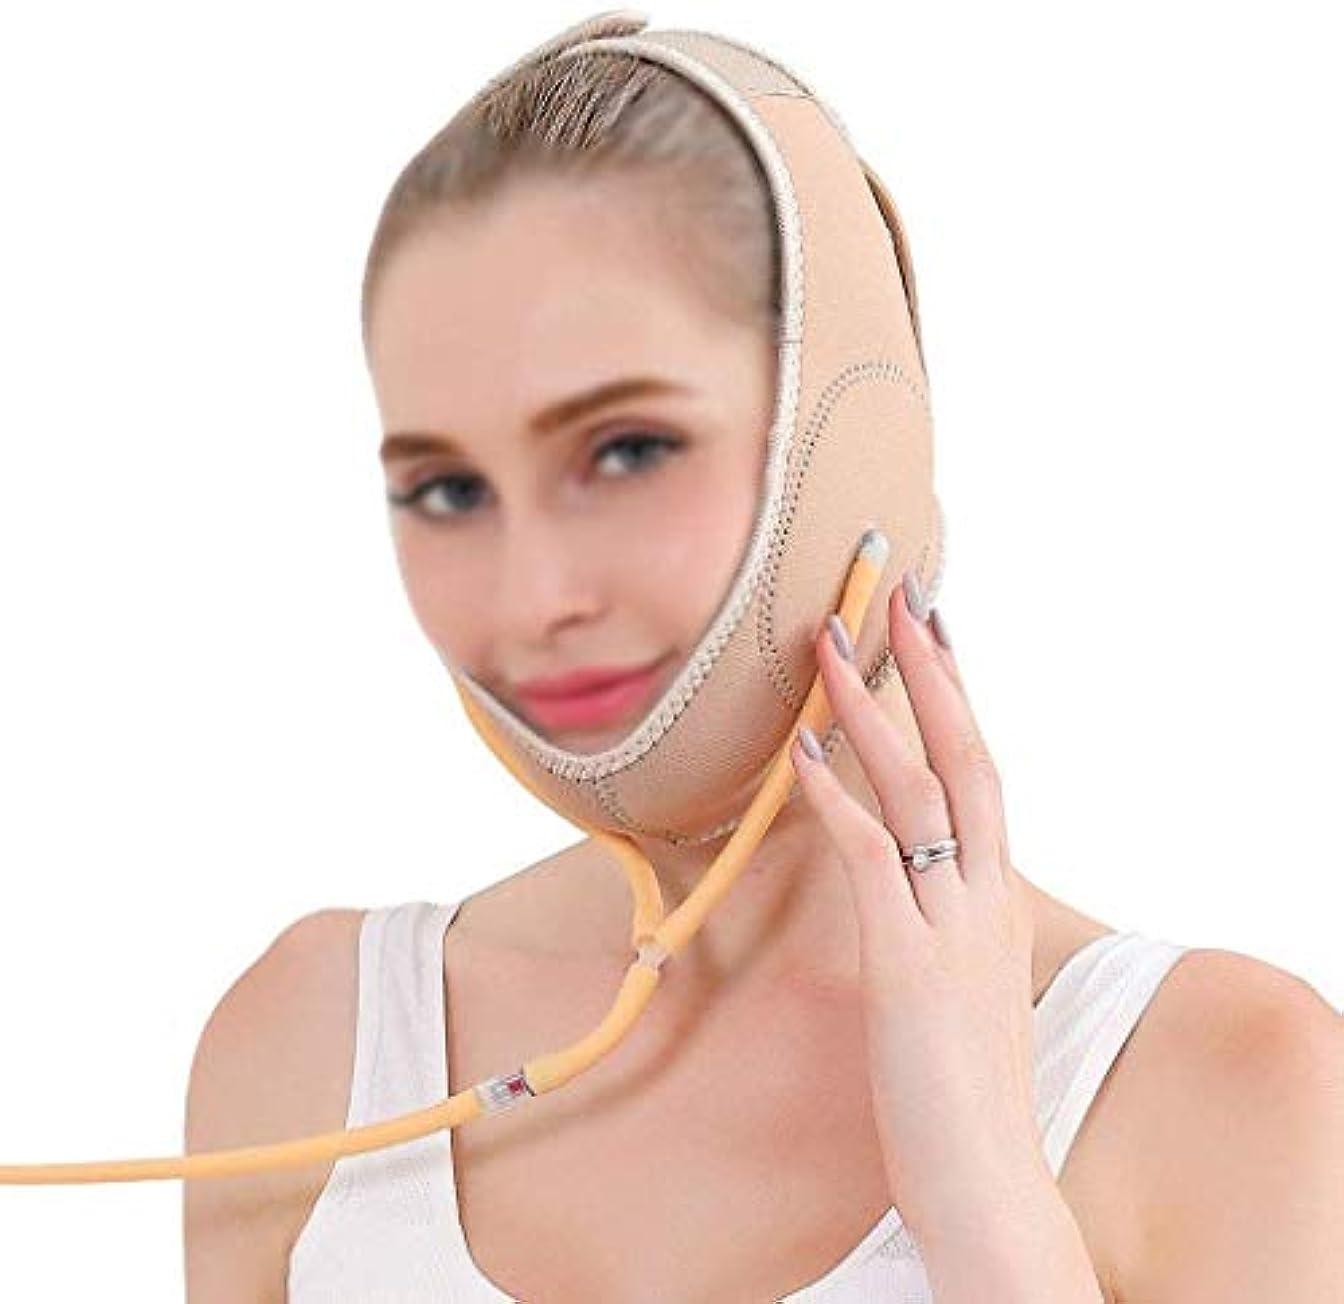 拷問ホイスト類似性美容と実用的なFSMMフェイスリフティングバンデージ、膨張した圧力回復マスクリフティングタイトバンデージ、リデュースダブルチン(色:肌の色)